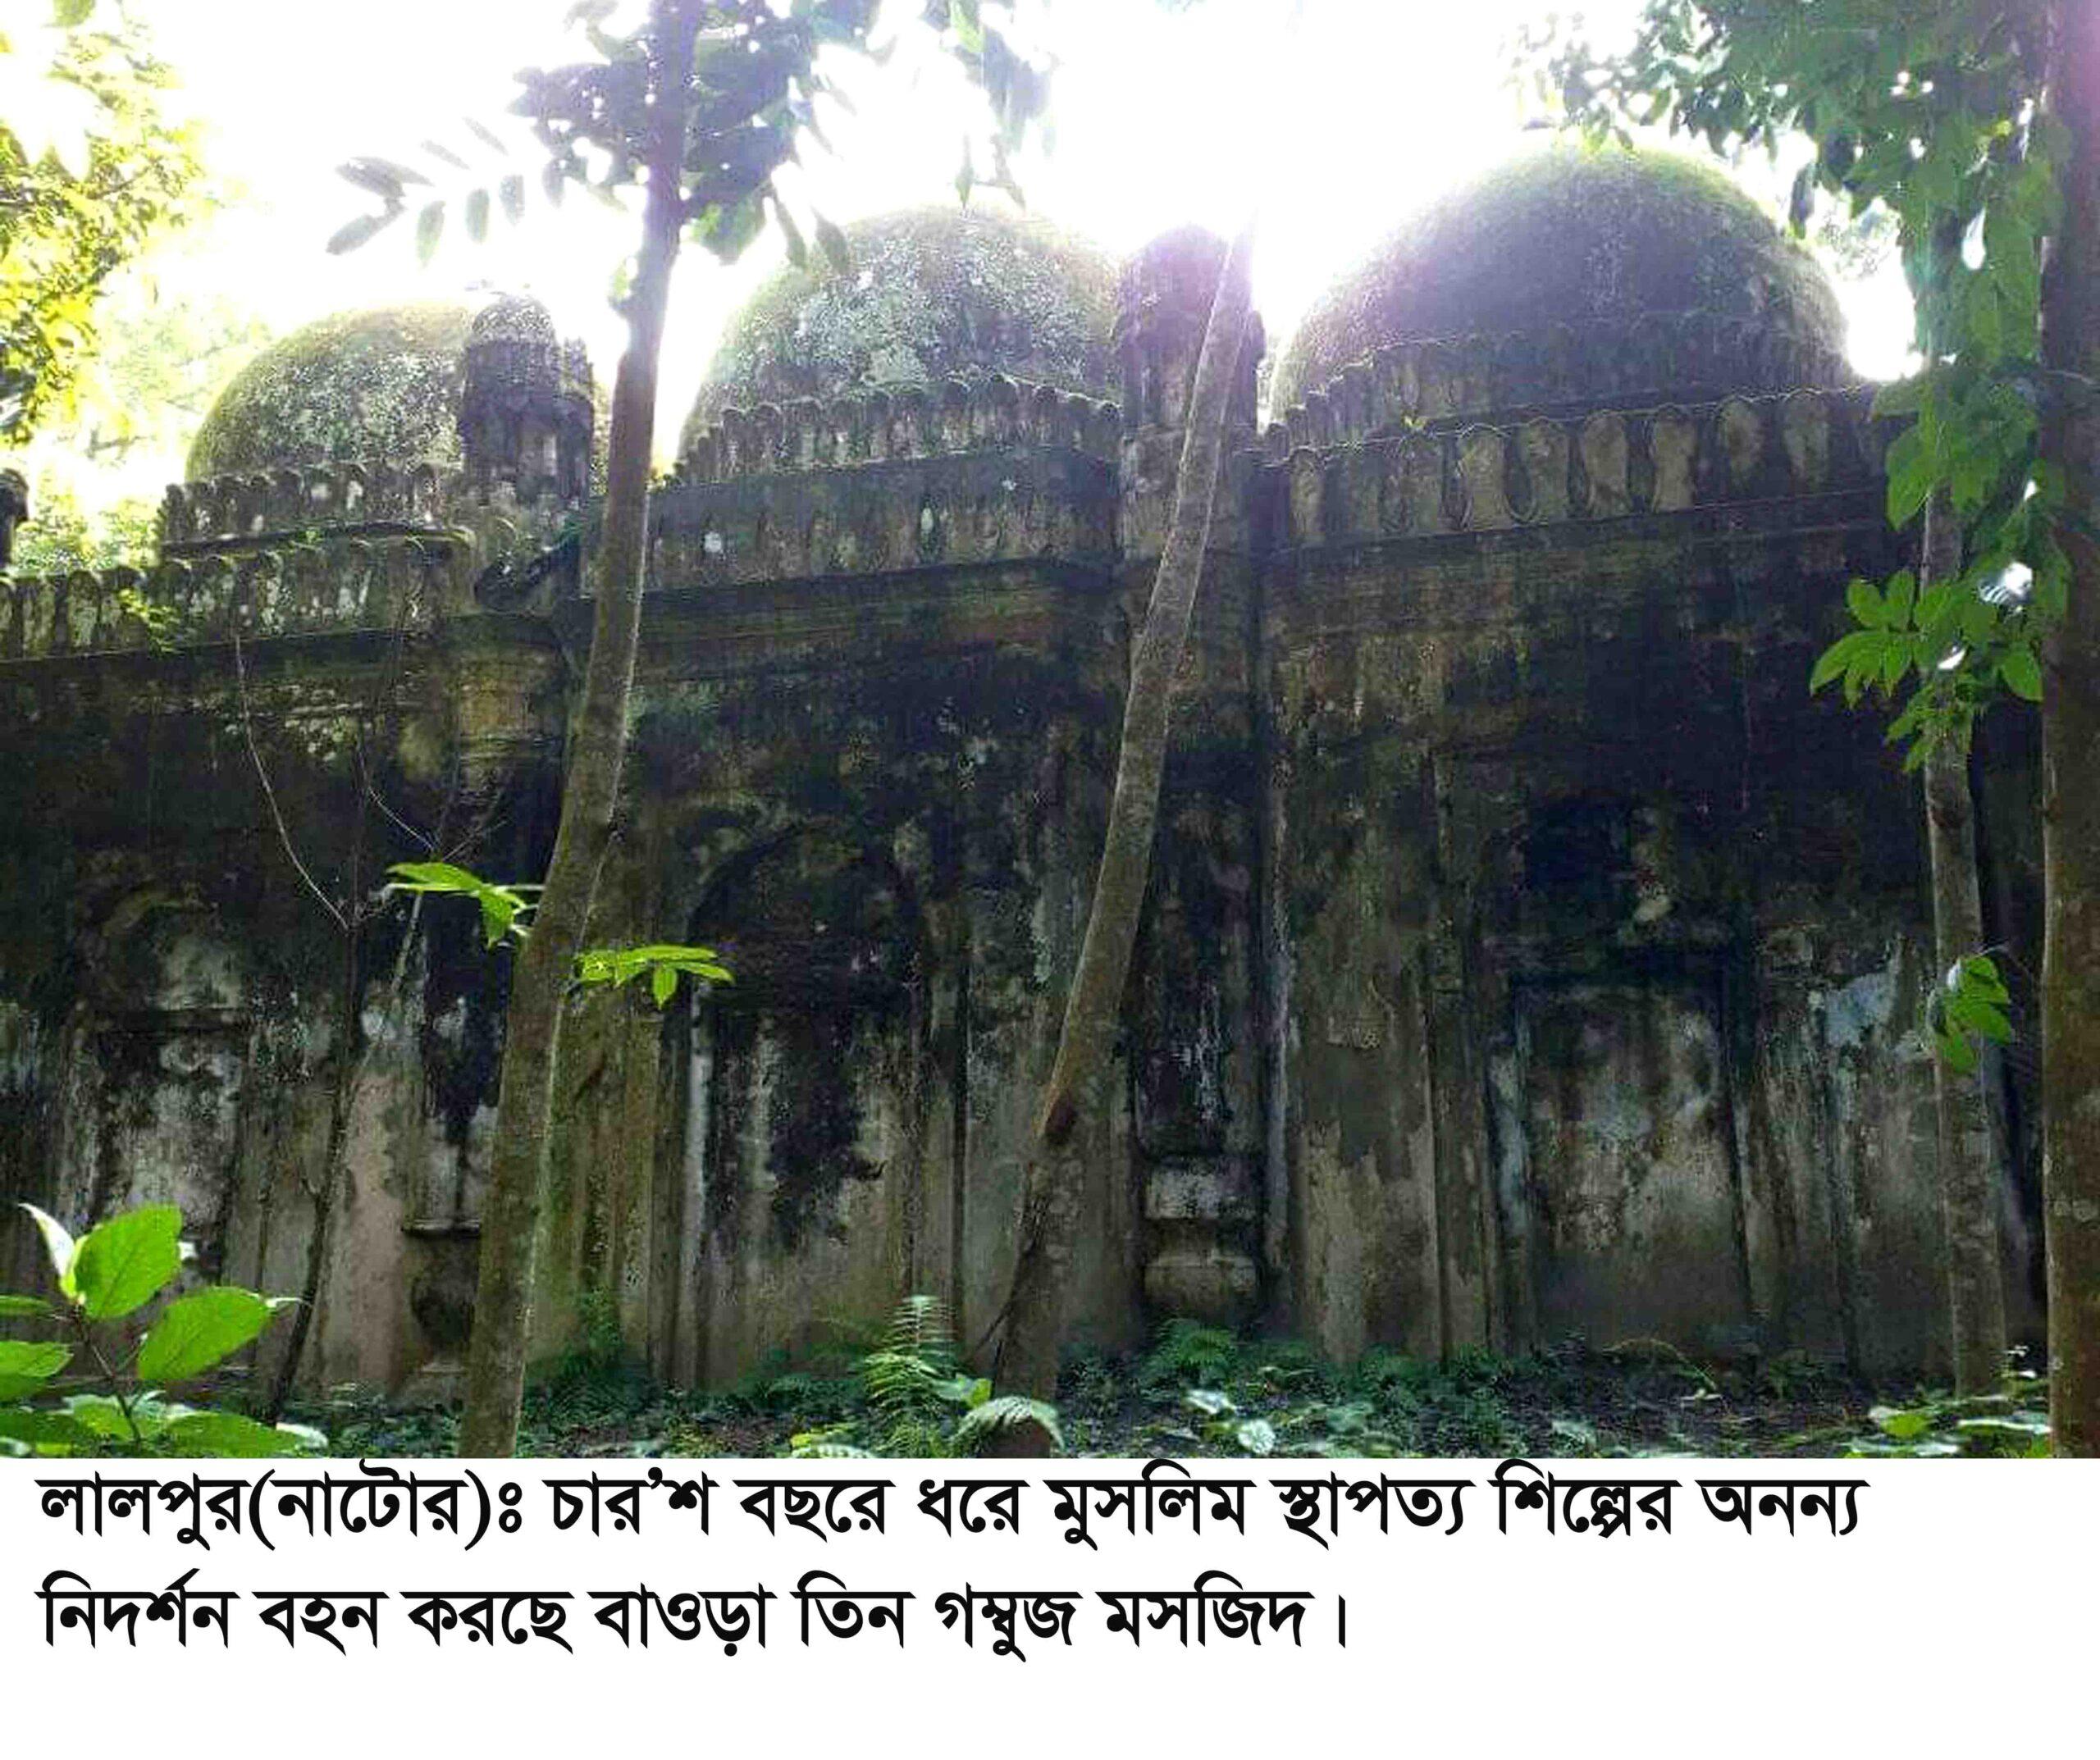 লালপুরের ঐতিহাসিক বাওড়া মসজিদ